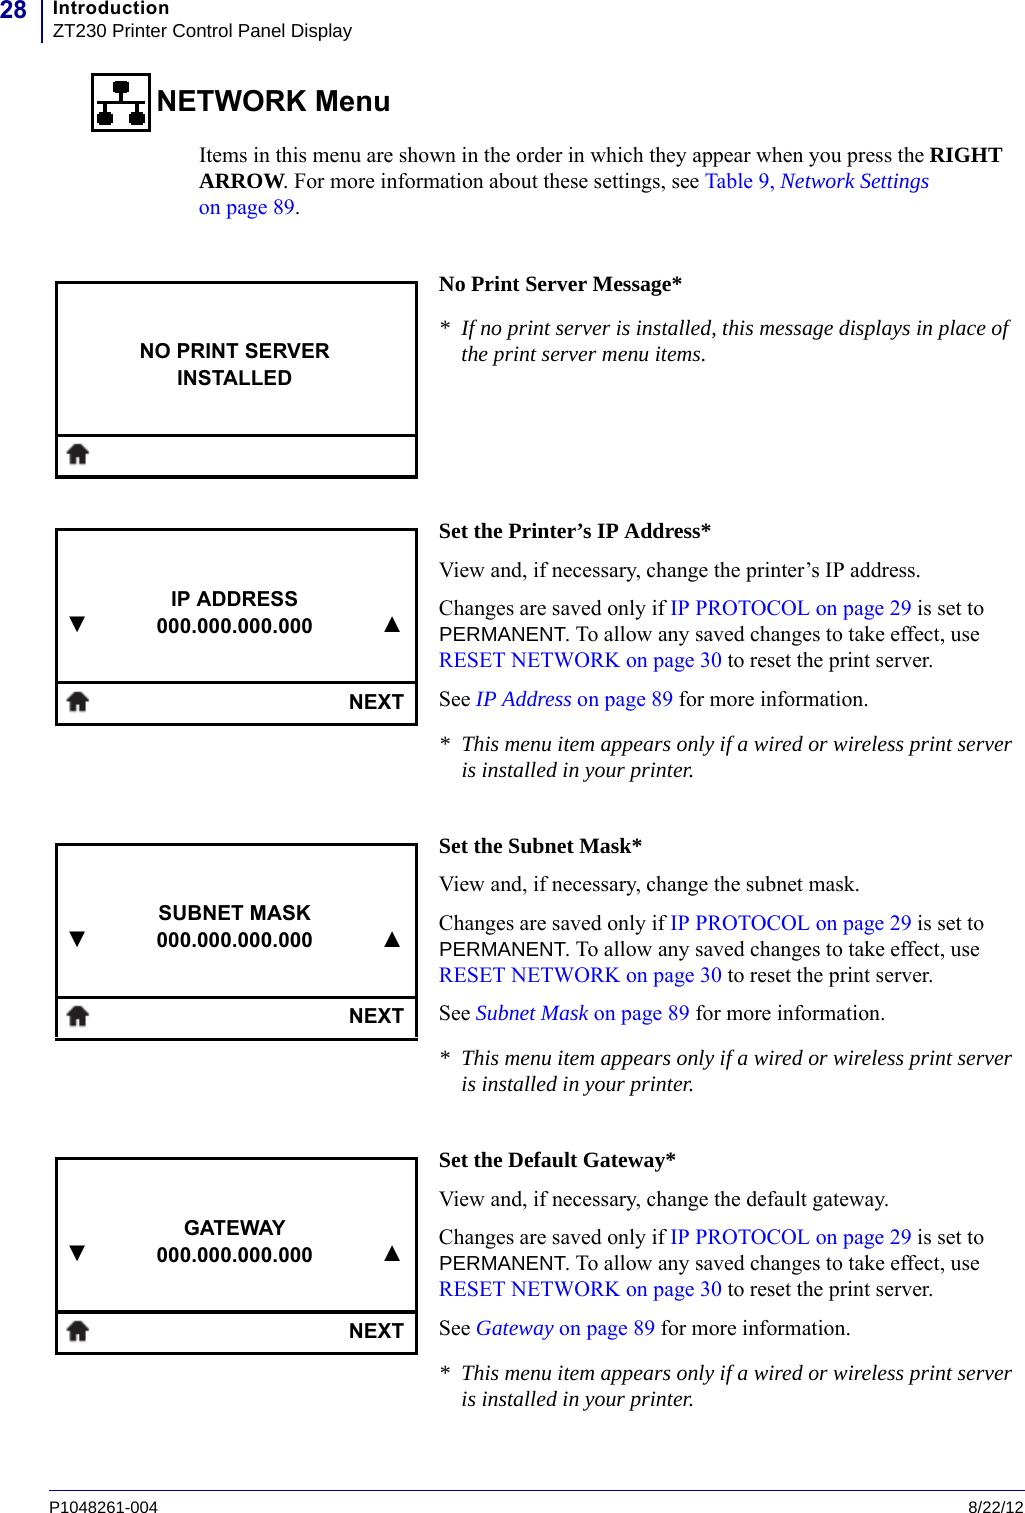 How To Change Ip Address On Zebra Zt230 Printer Zebra